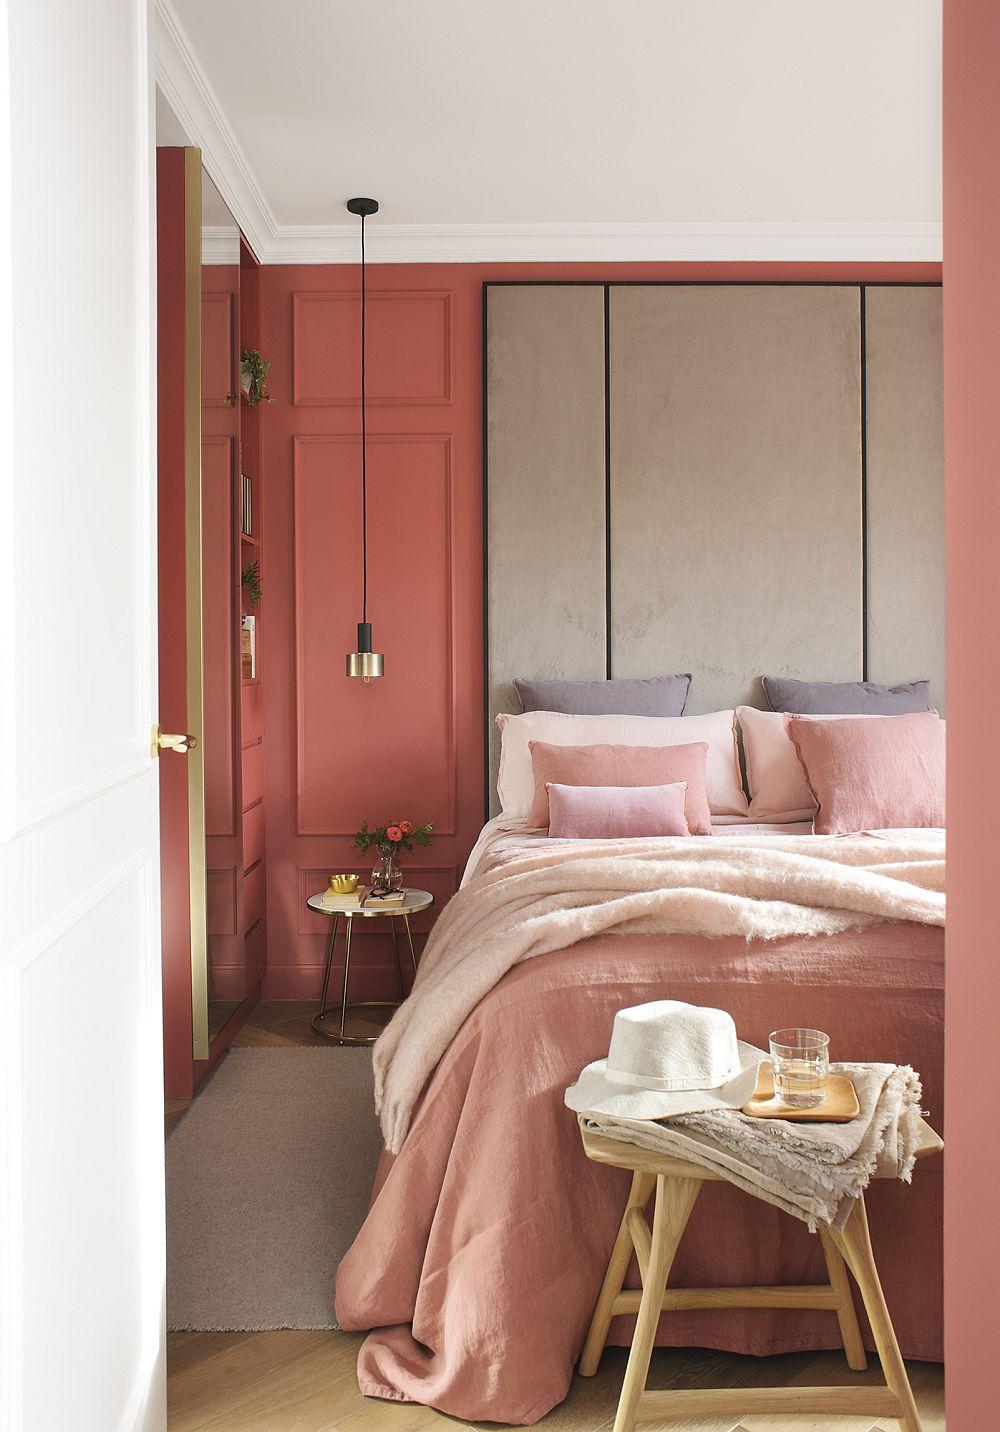 fiecare dormitor este diferit tratat și personalizat prin culoare. În spații mici culorile vibrante pot conferi senzația de cuib, dar întotdeauna într-un dormitor, pe lângă culoarea pereților contează mult tăblia patului și lenjeria patului , deoarece acestea ocupă o mare parte din suprafețele camerei dedicate odihnei.